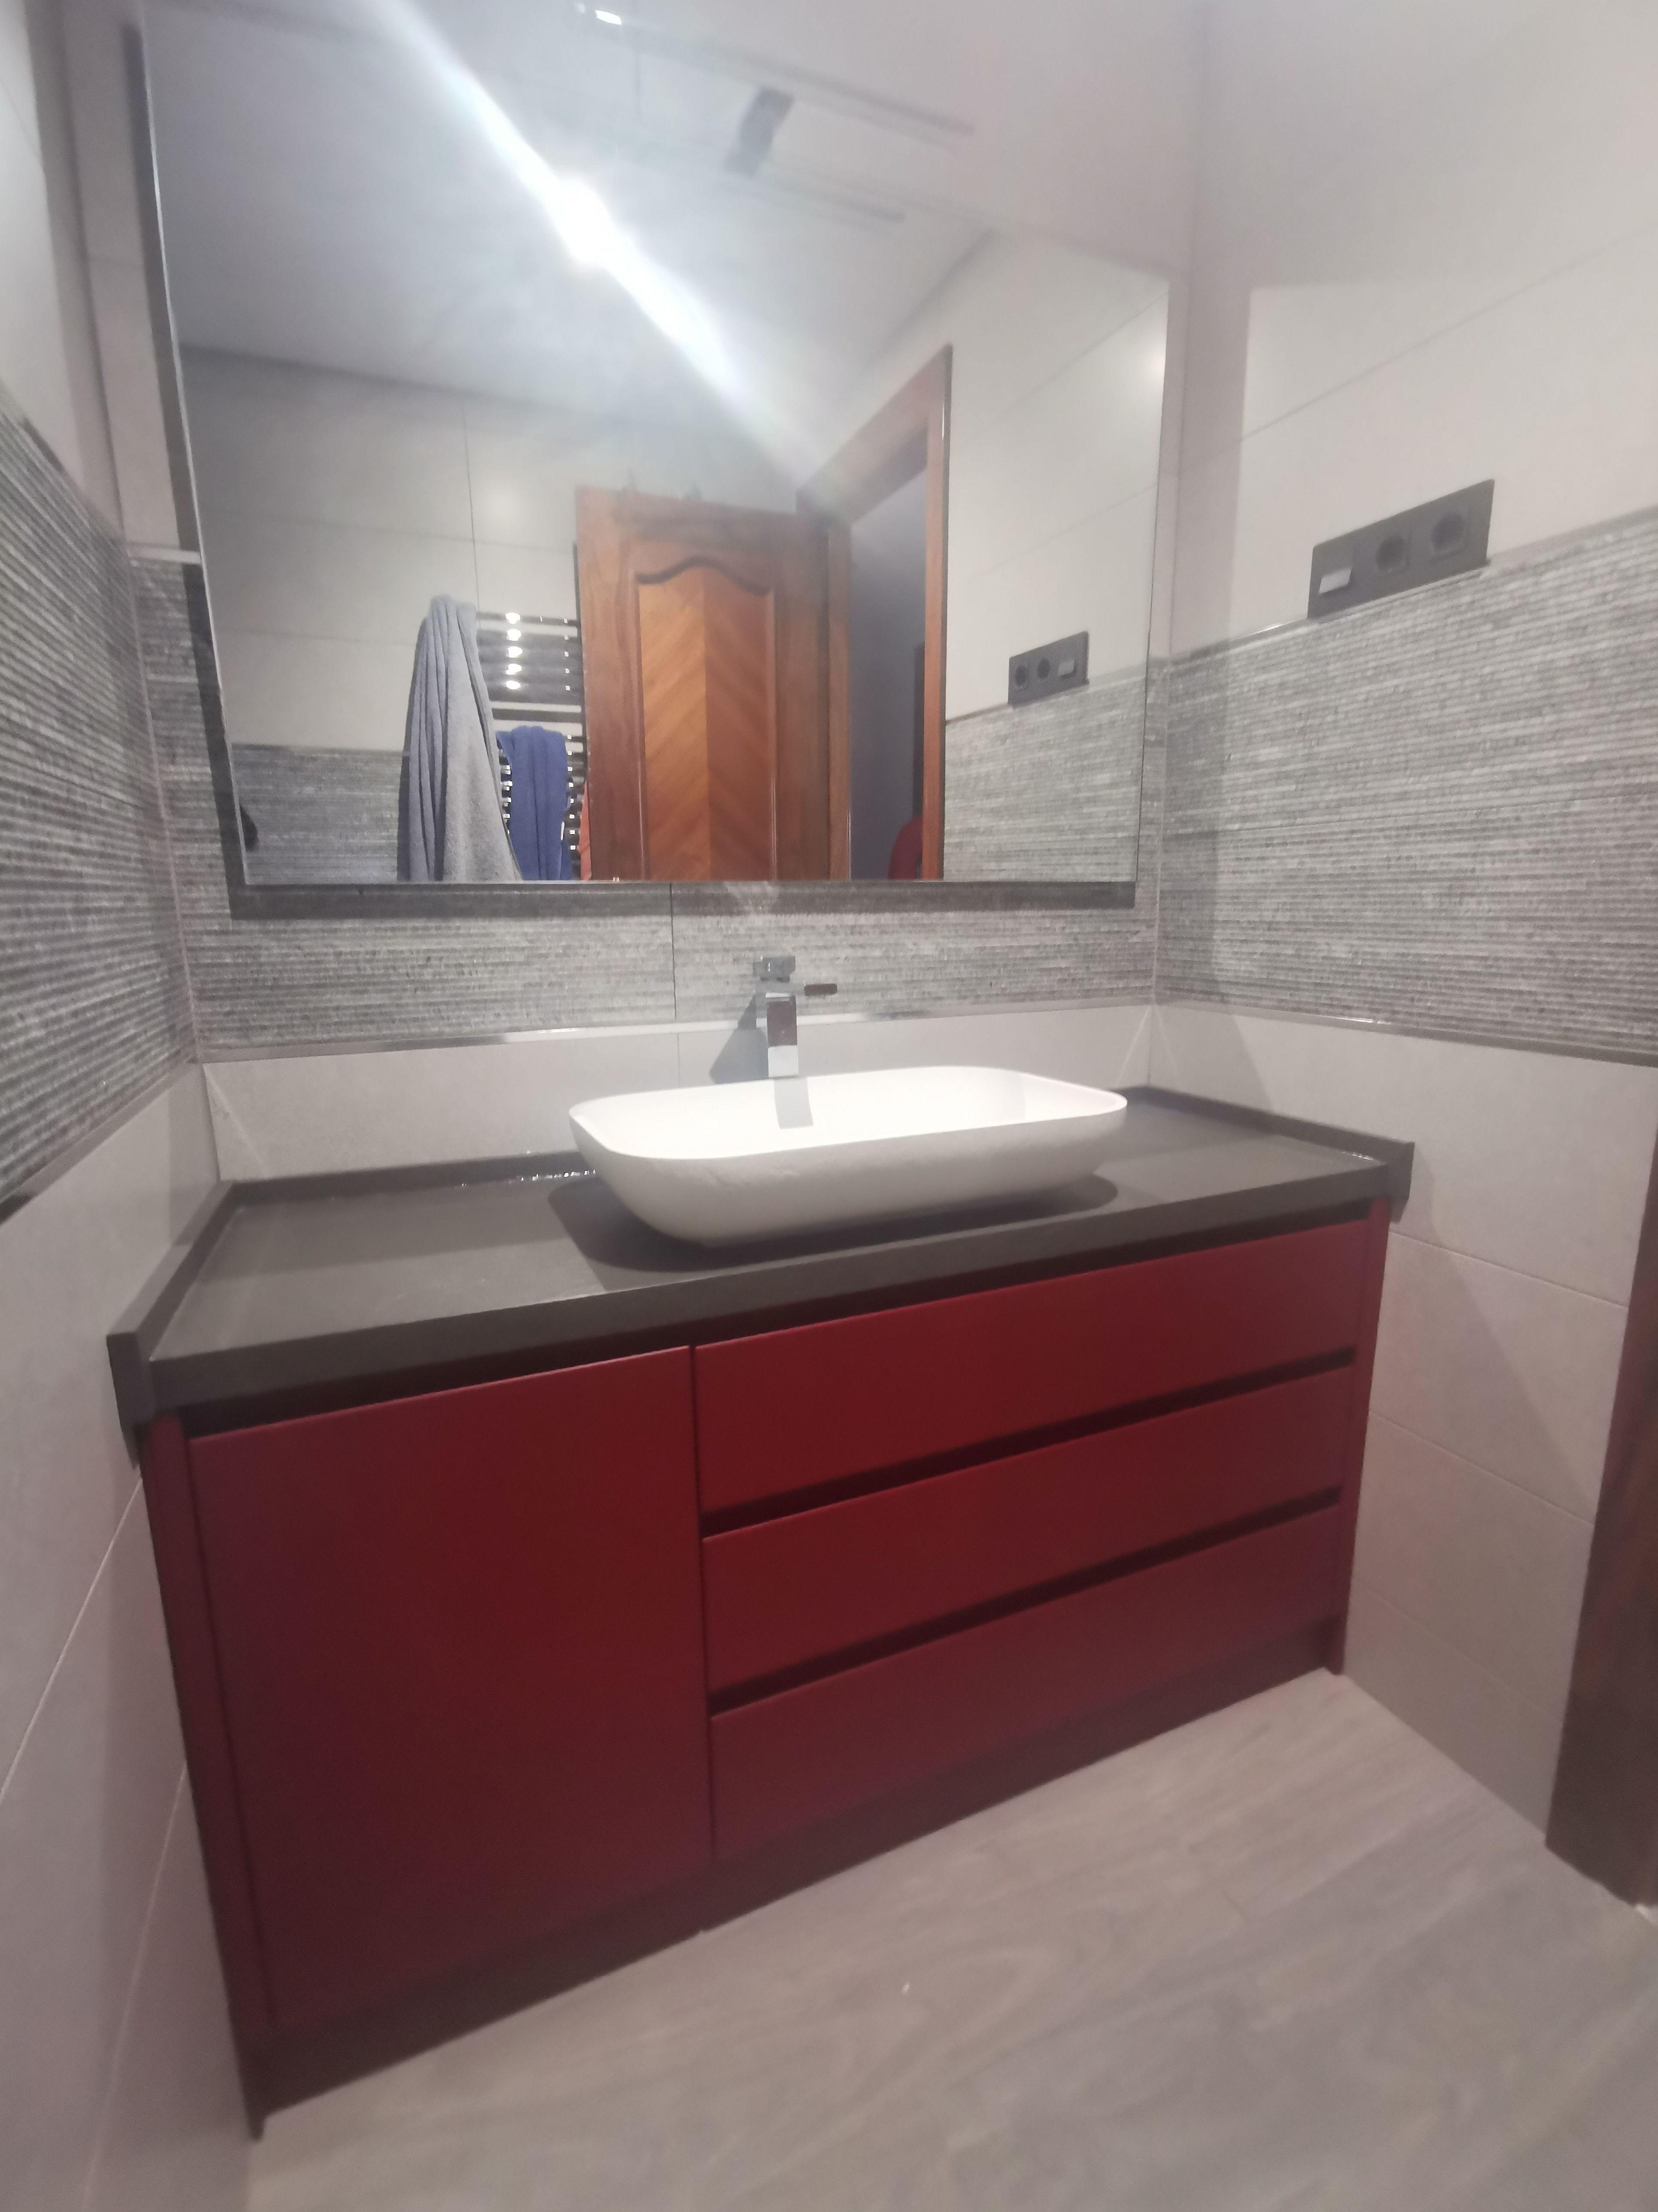 Foto 14 de Reformas en baños y cocinas en Trobajo del Camino | F. Alba, cocinas y baños